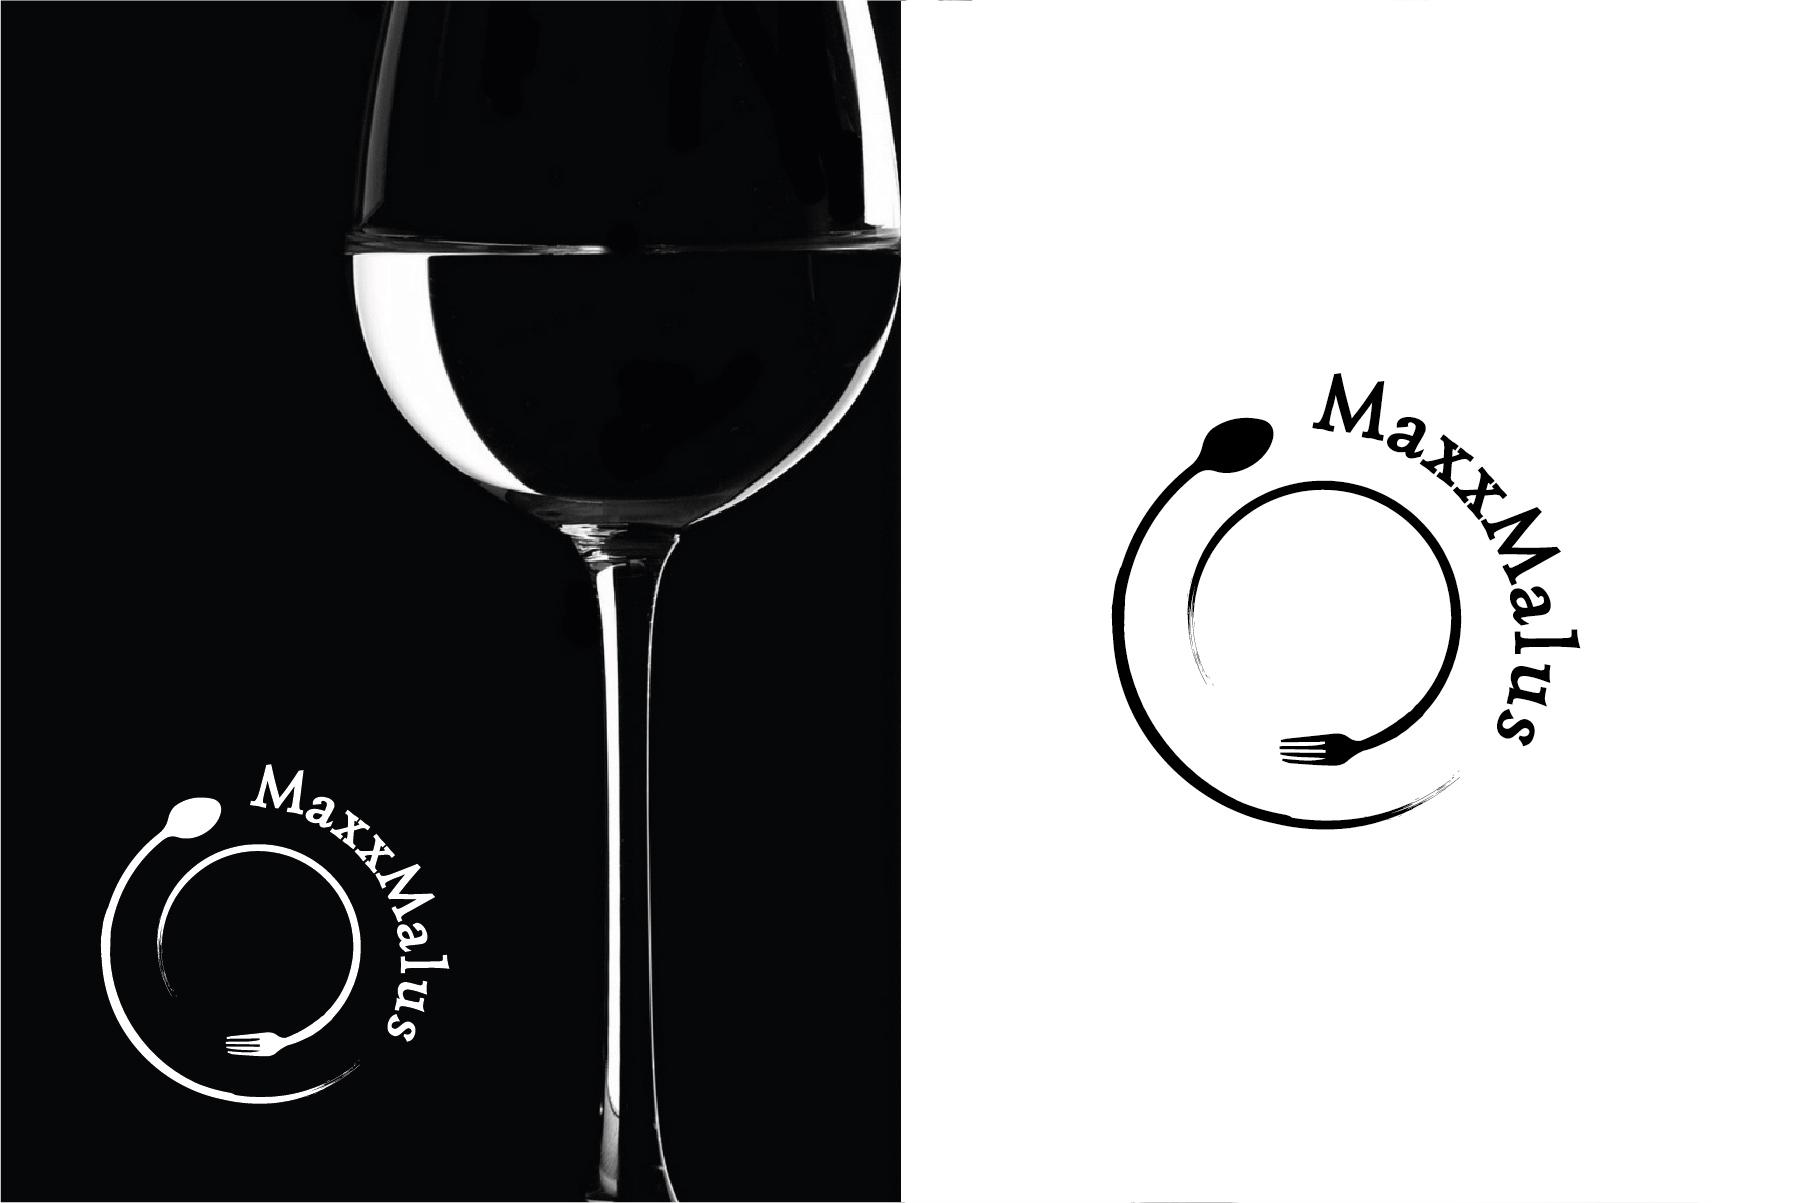 Логотип для нового бренда повседневной посуды фото f_1405ba12ff4ec047.jpg